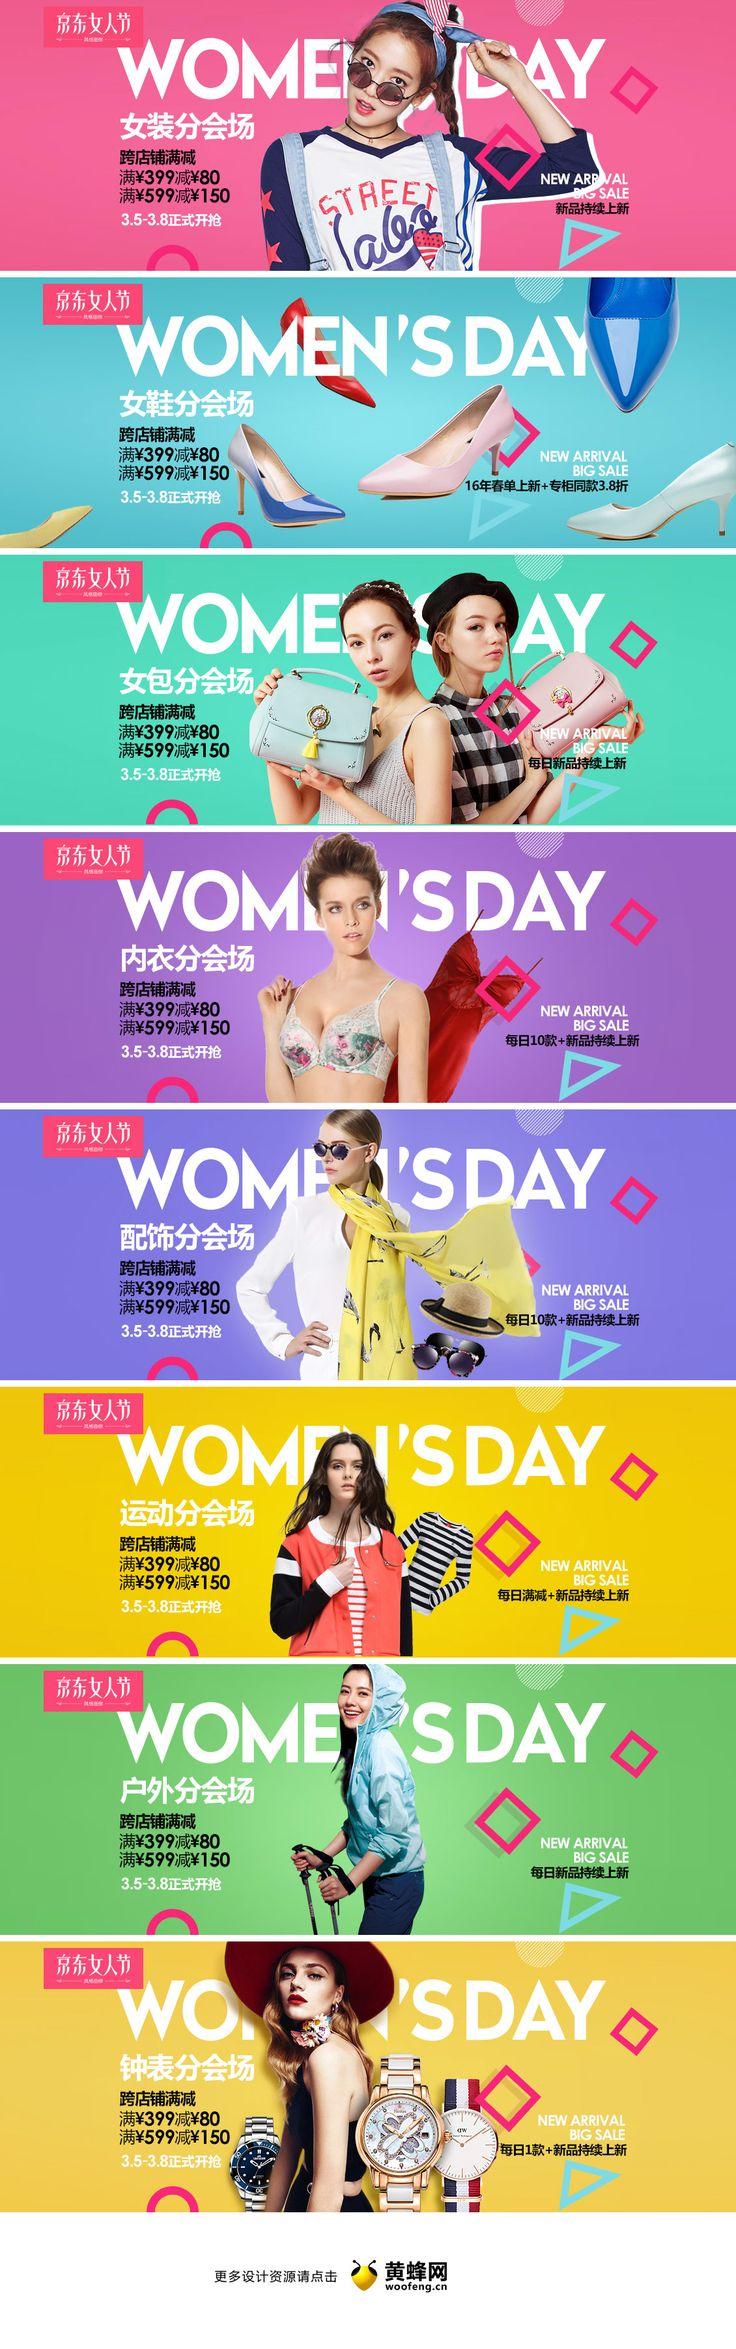 京东女人节分会场头图banner设计,来源自黄蜂网http://woofeng.cn/                                                                                                                                                                                 More